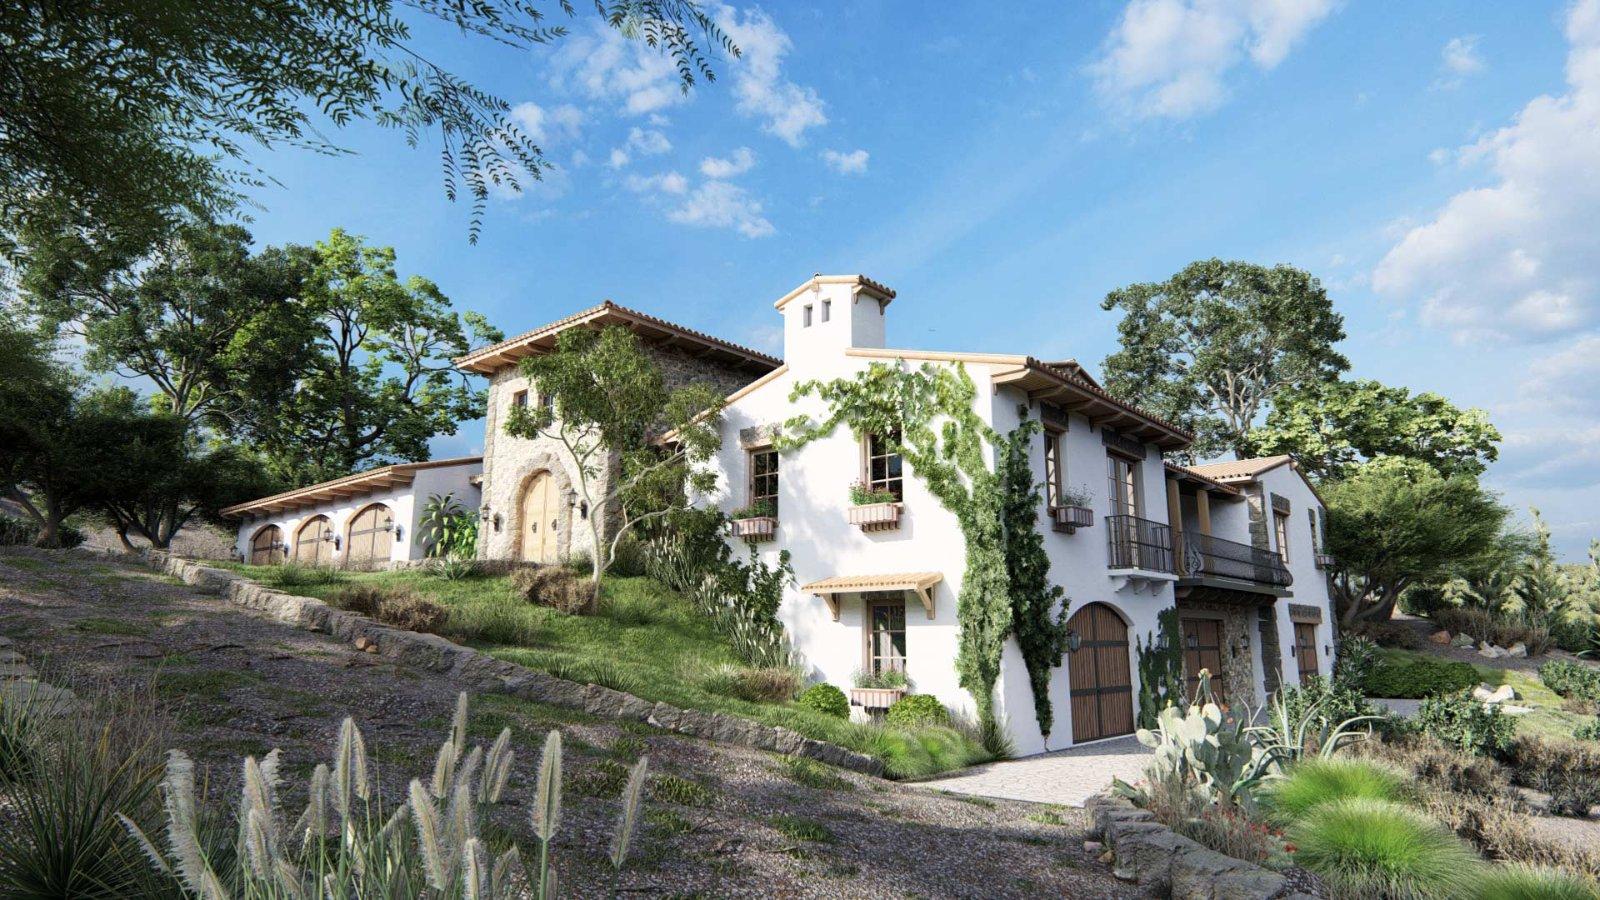 Italian-style-villa-1920x1080_Lumion10_TenOverStudio.jpg